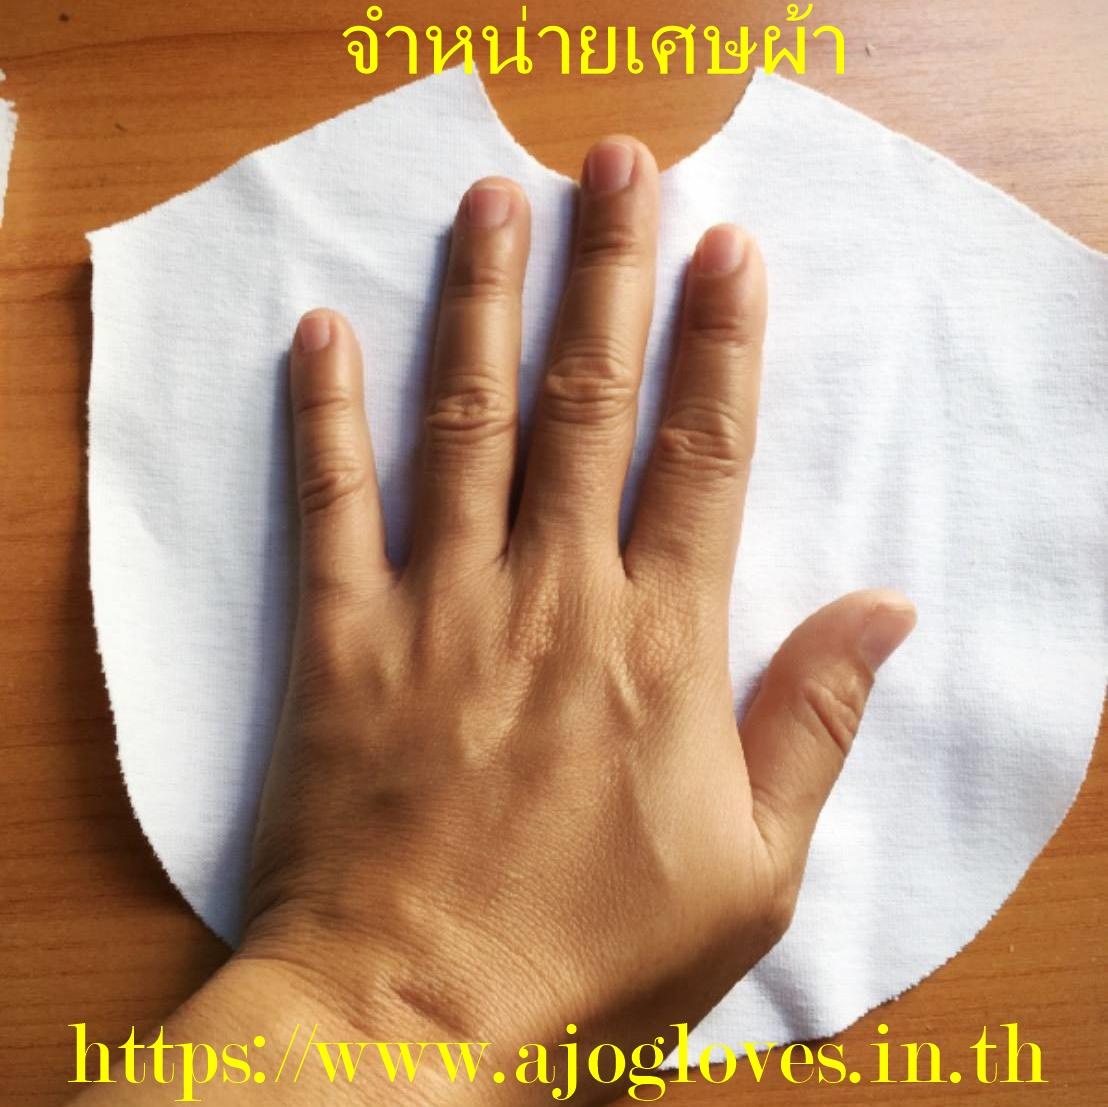 เศษผ้าขาวปึก ขนาดฝ่ามือ เนื้อเรียบ